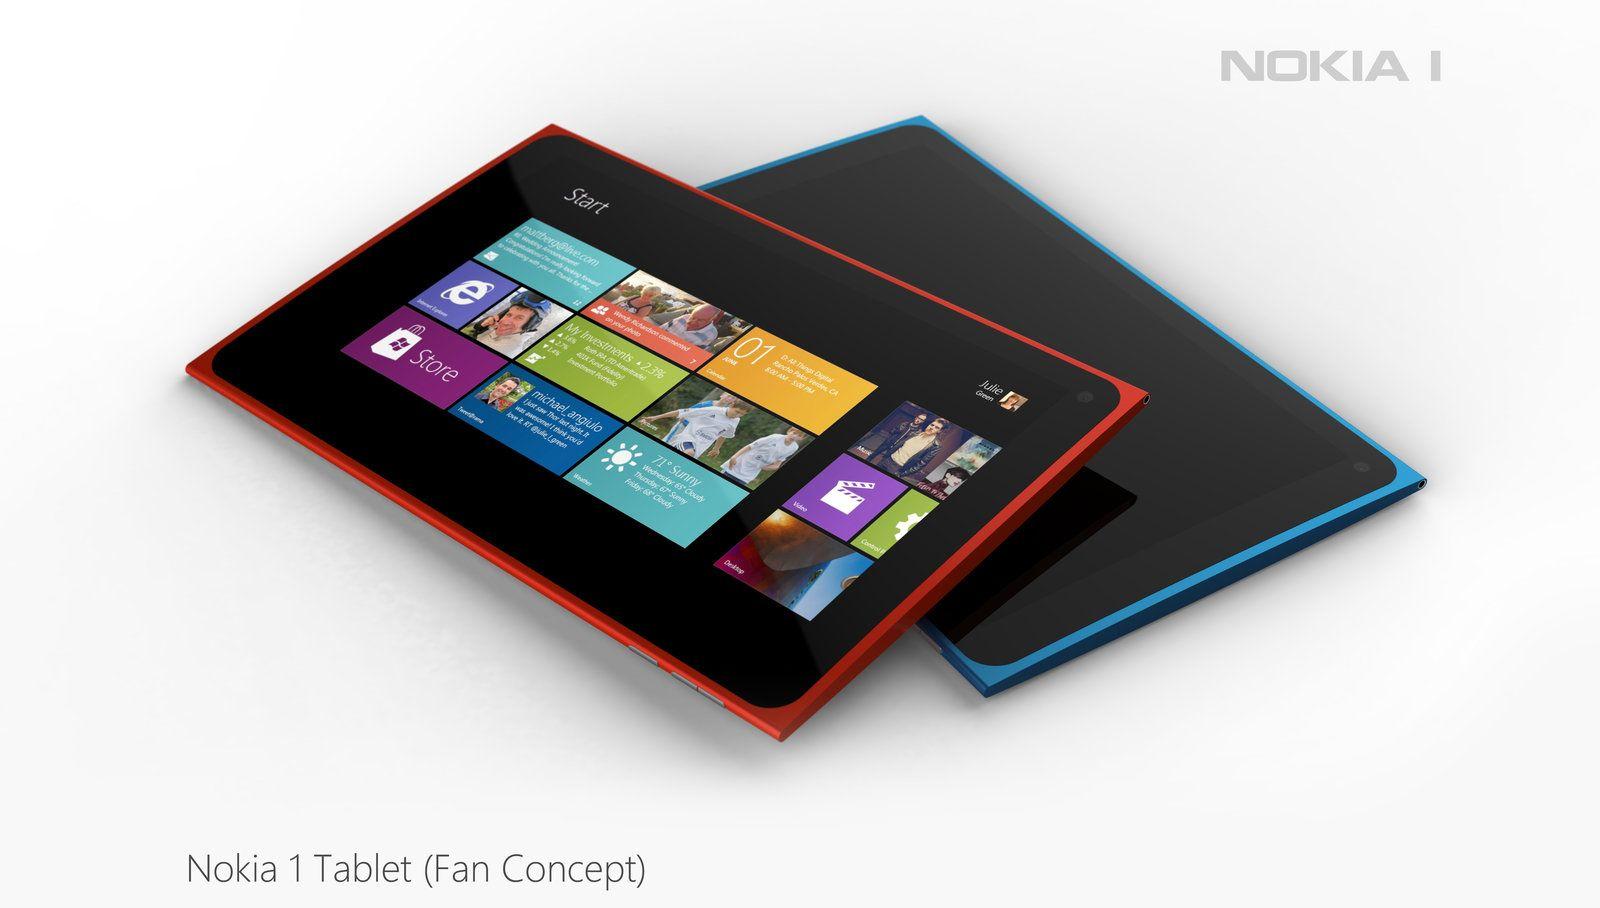 Hadde ikke hatt noe imot en Nokia tablet  med Windows 8 hvis de blir seende sånn ut.